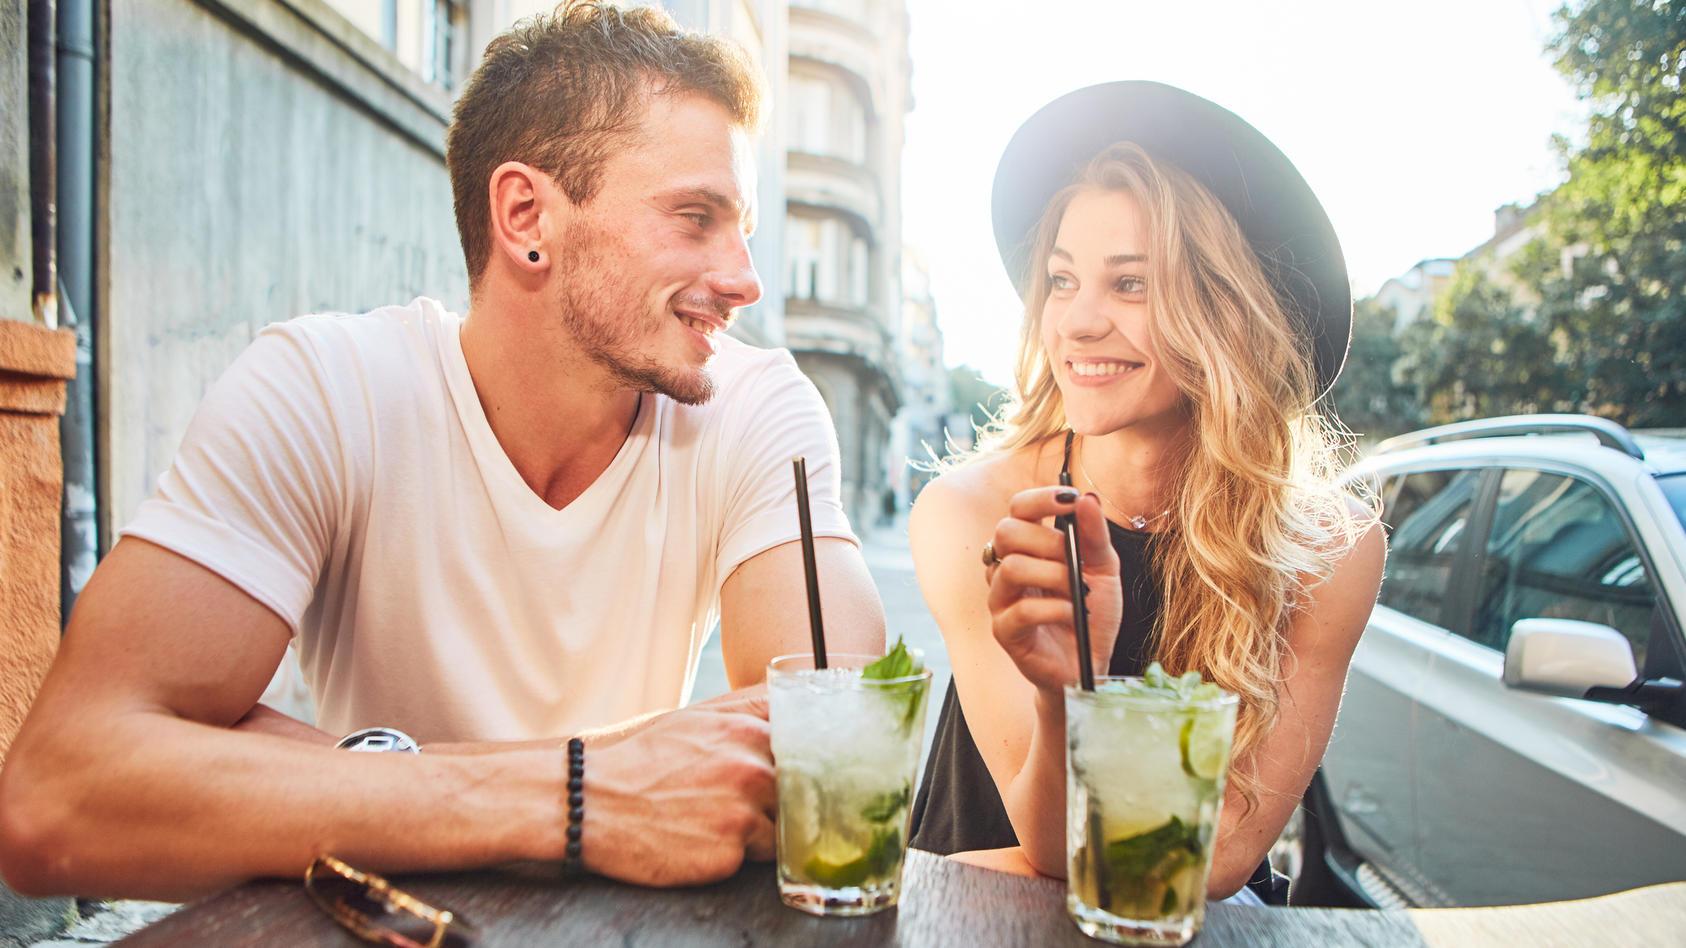 Die Dating-Plattform Tinder geht davon aus, dass Singles im Sommer 2021 wieder mehr daten werden.